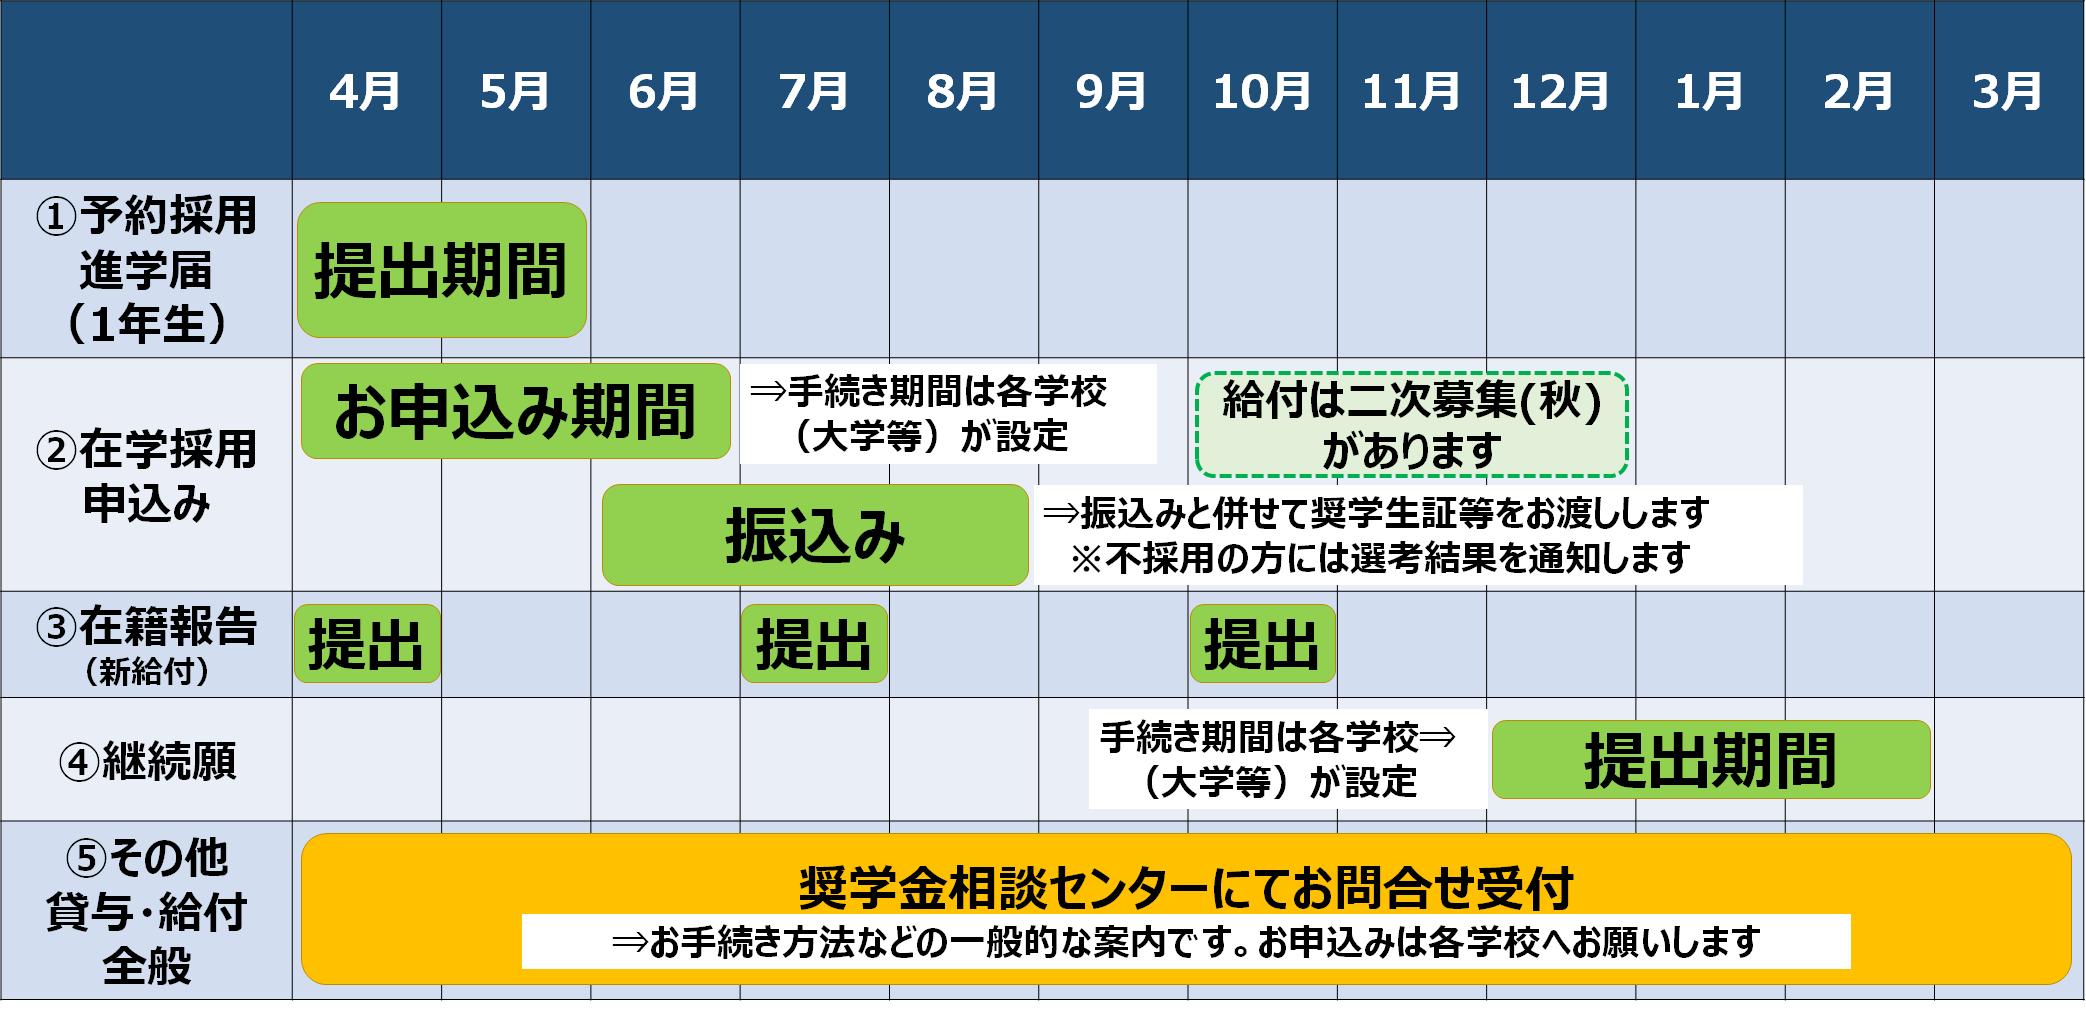 お役立ちカレンダー(大学生)20210927